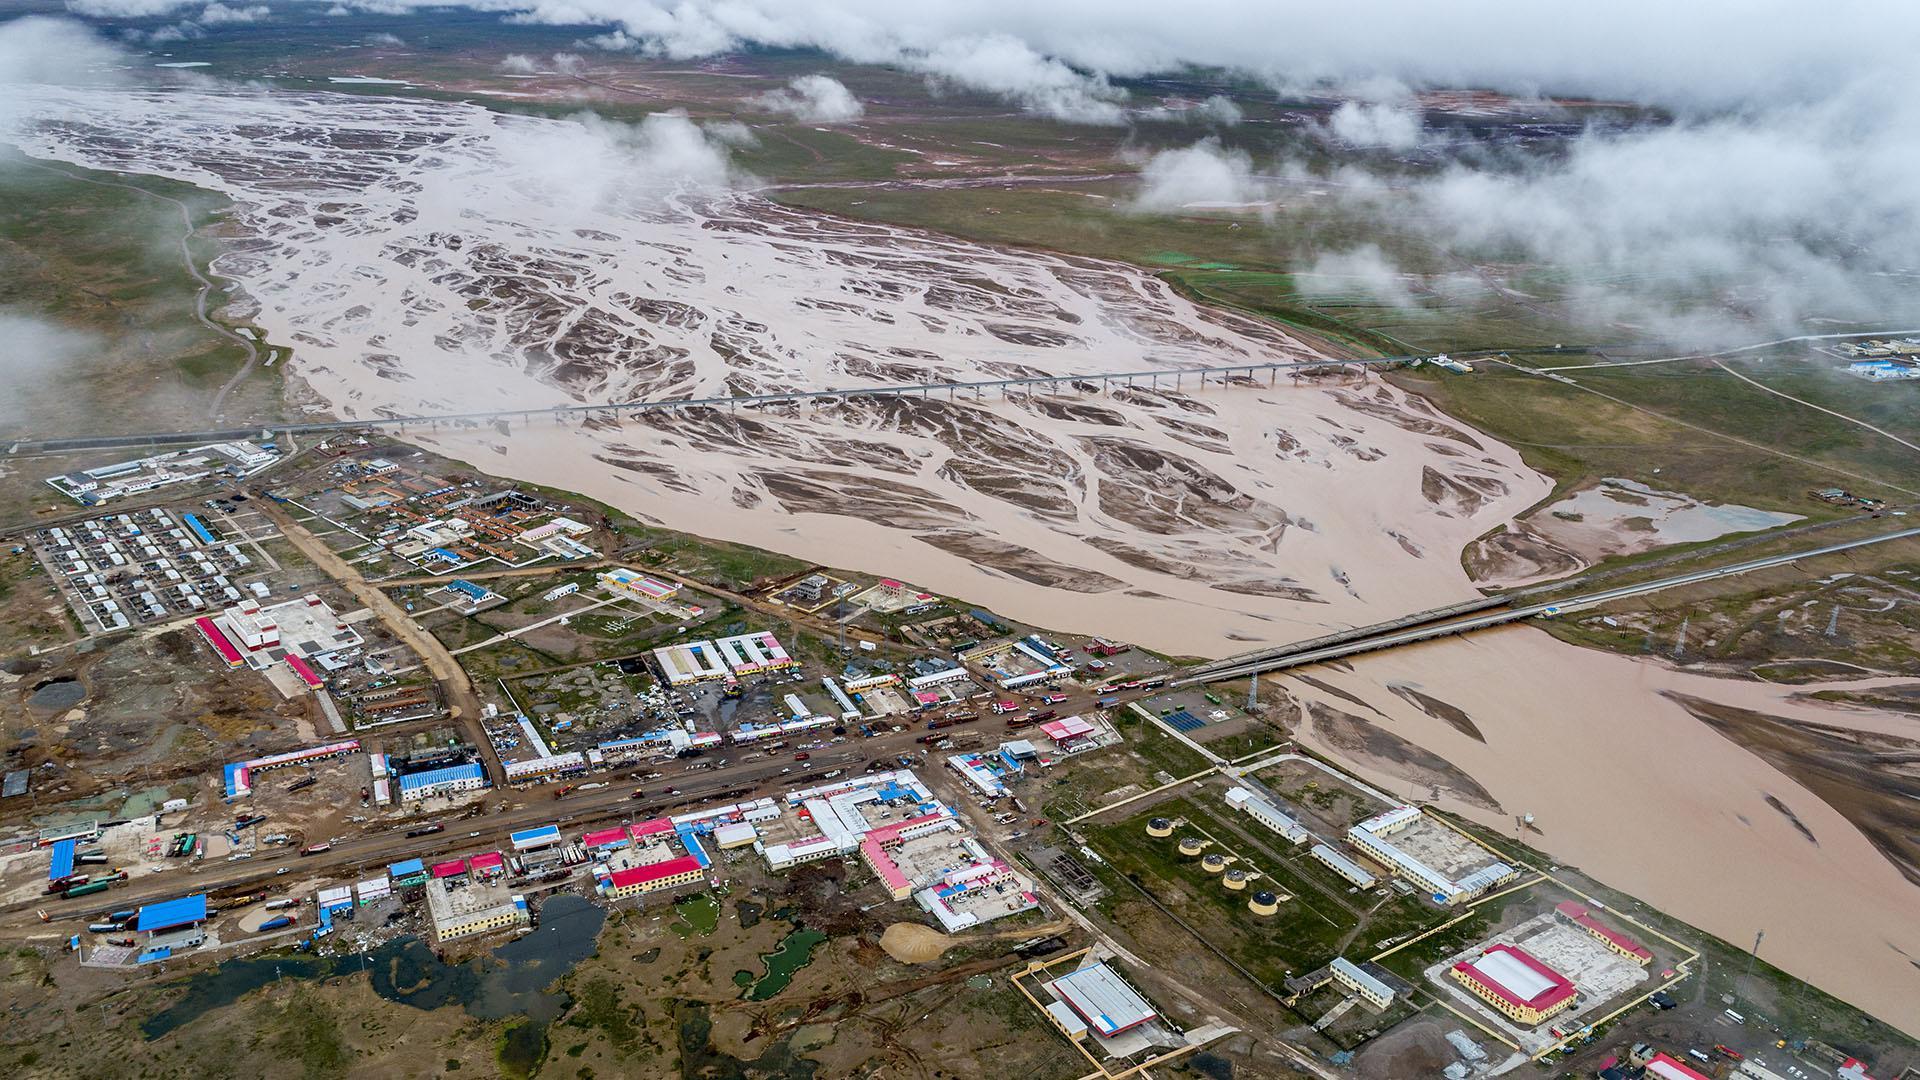 青海格尔木:唐古拉山镇又名沱沱河镇,青藏高原上的交通枢纽